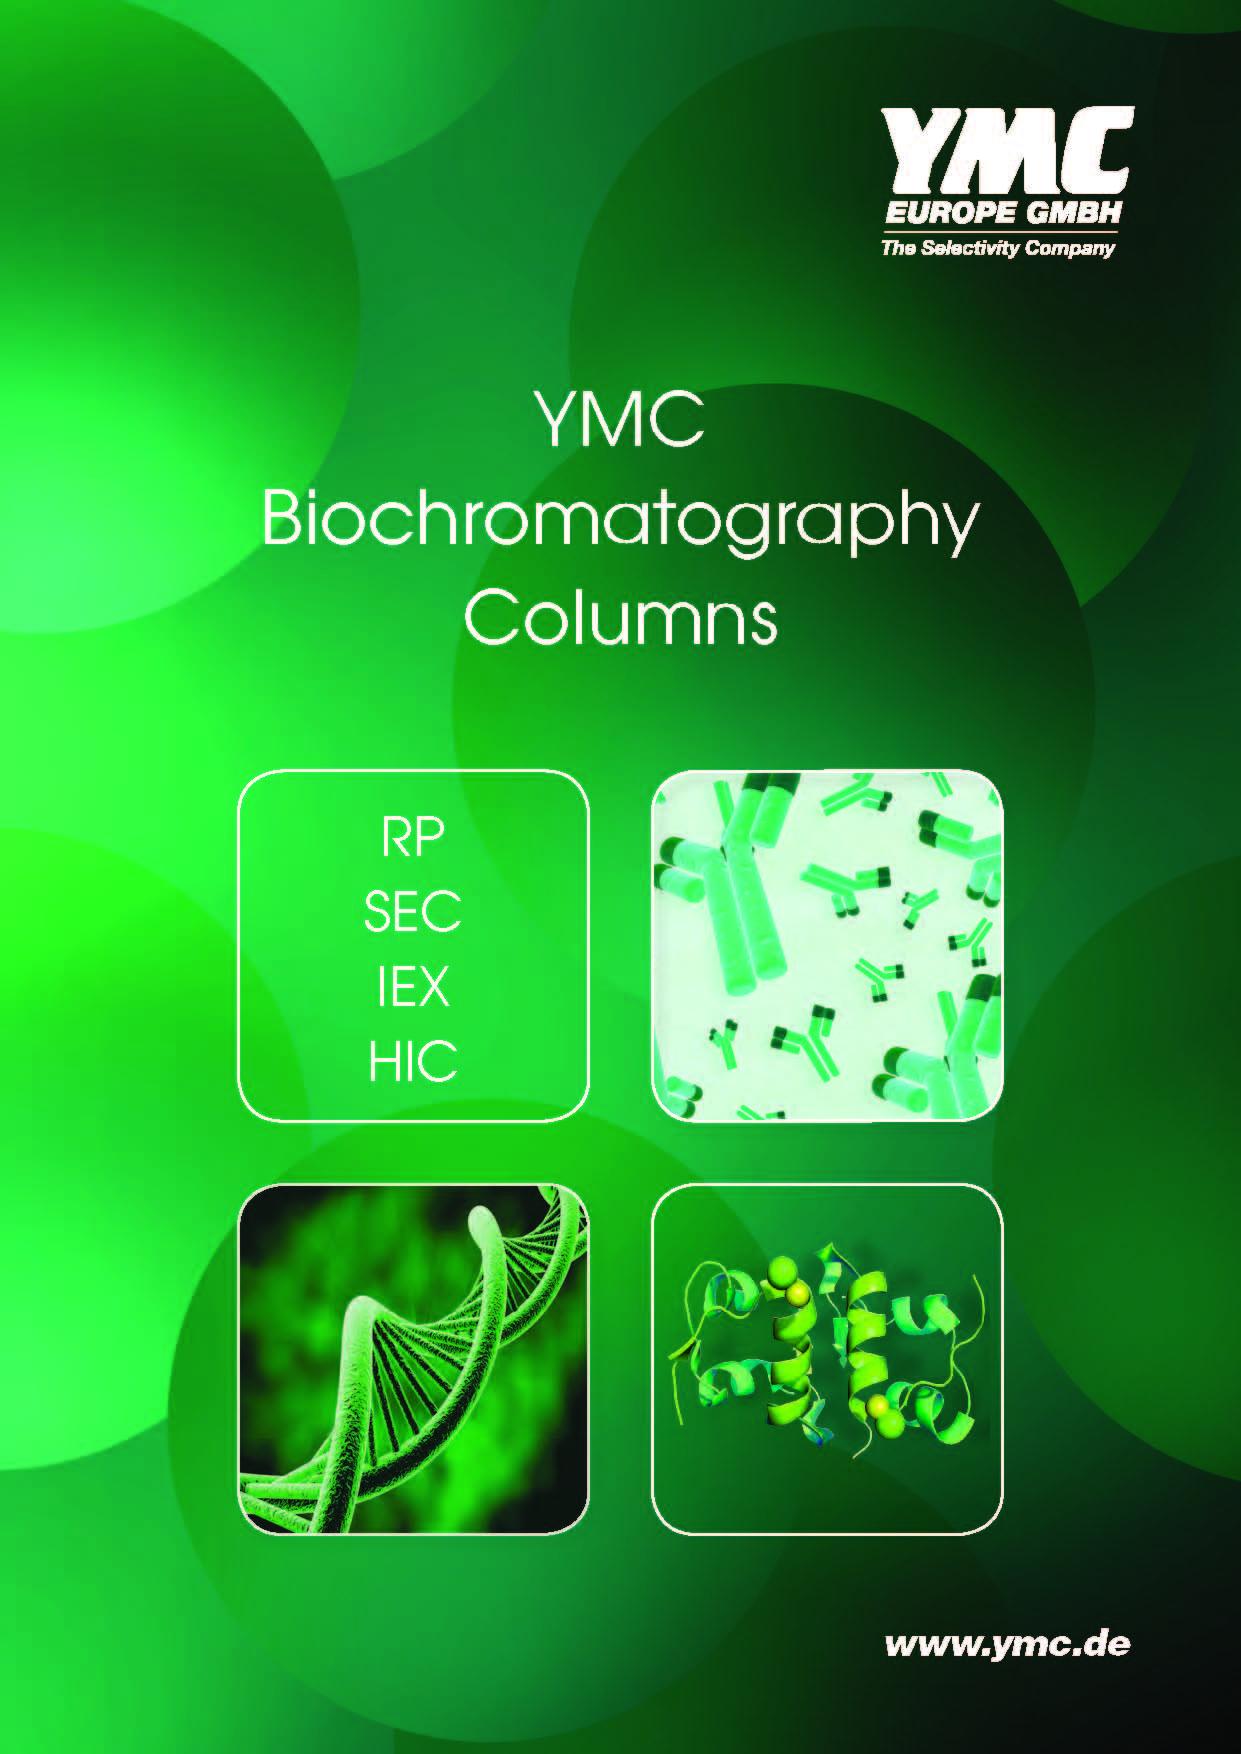 YMC fáze pro Biochromatografii